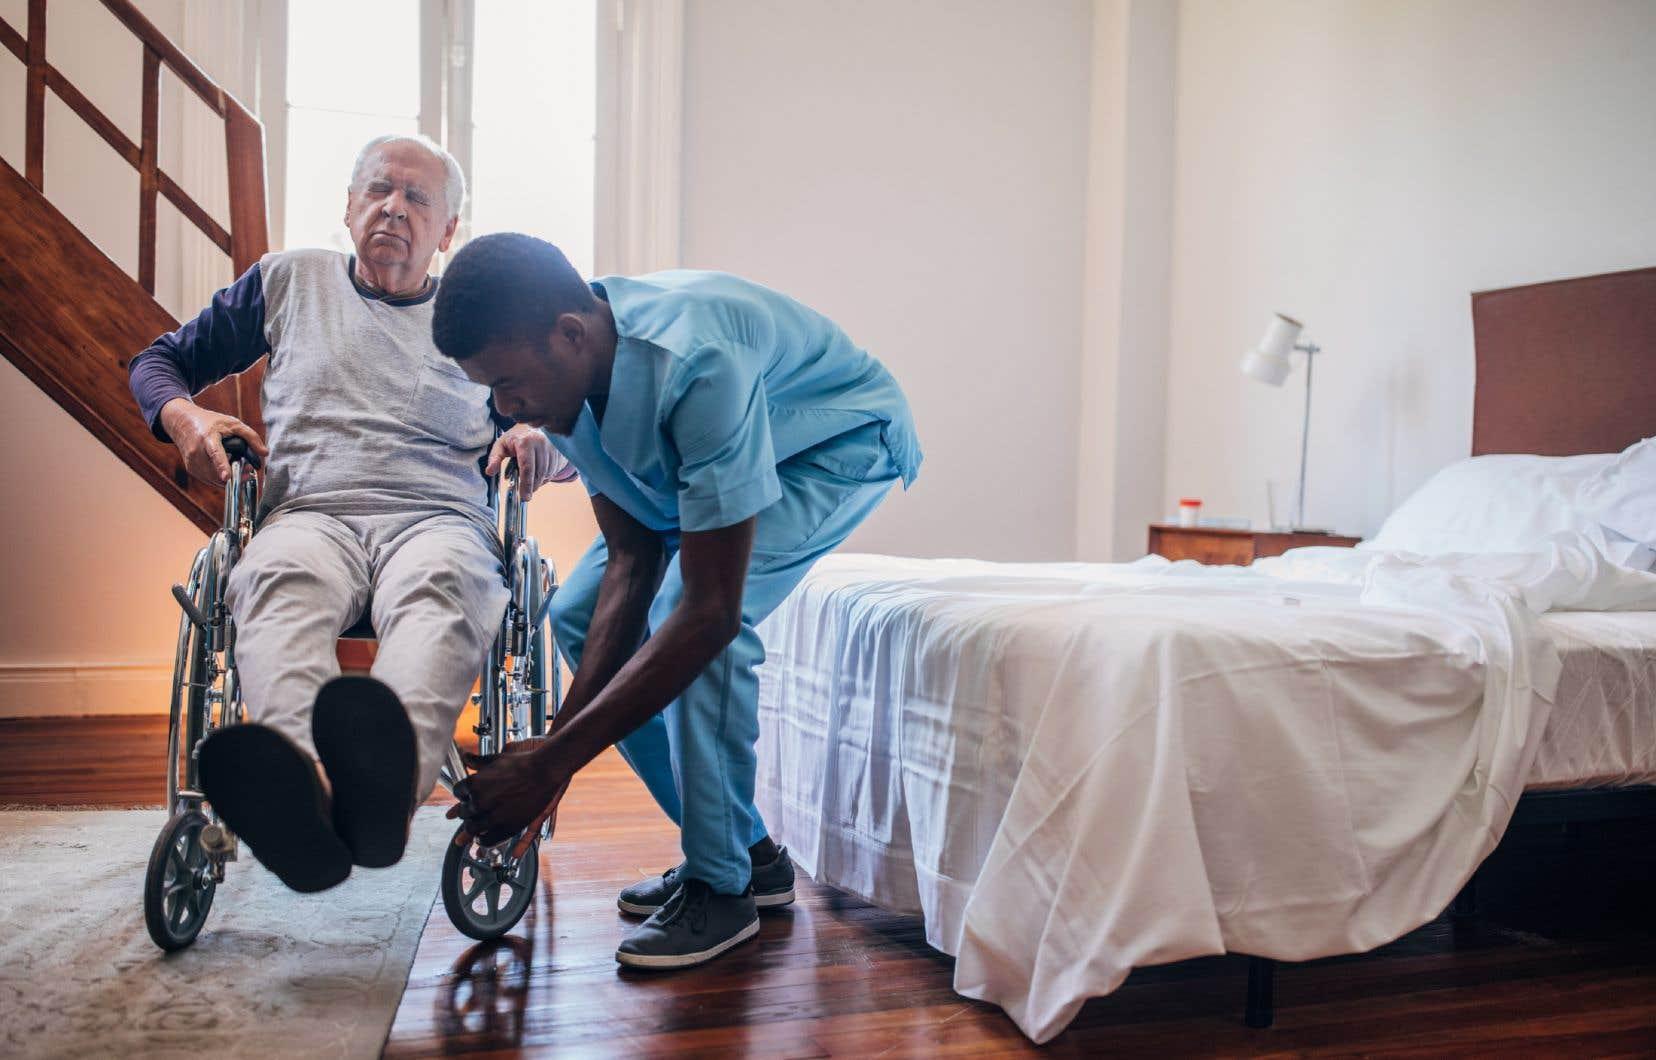 «Accroître les soins à domicile réduirait la pression que vivent actuellement nos CHSLD au Québec», estime l'autrice.